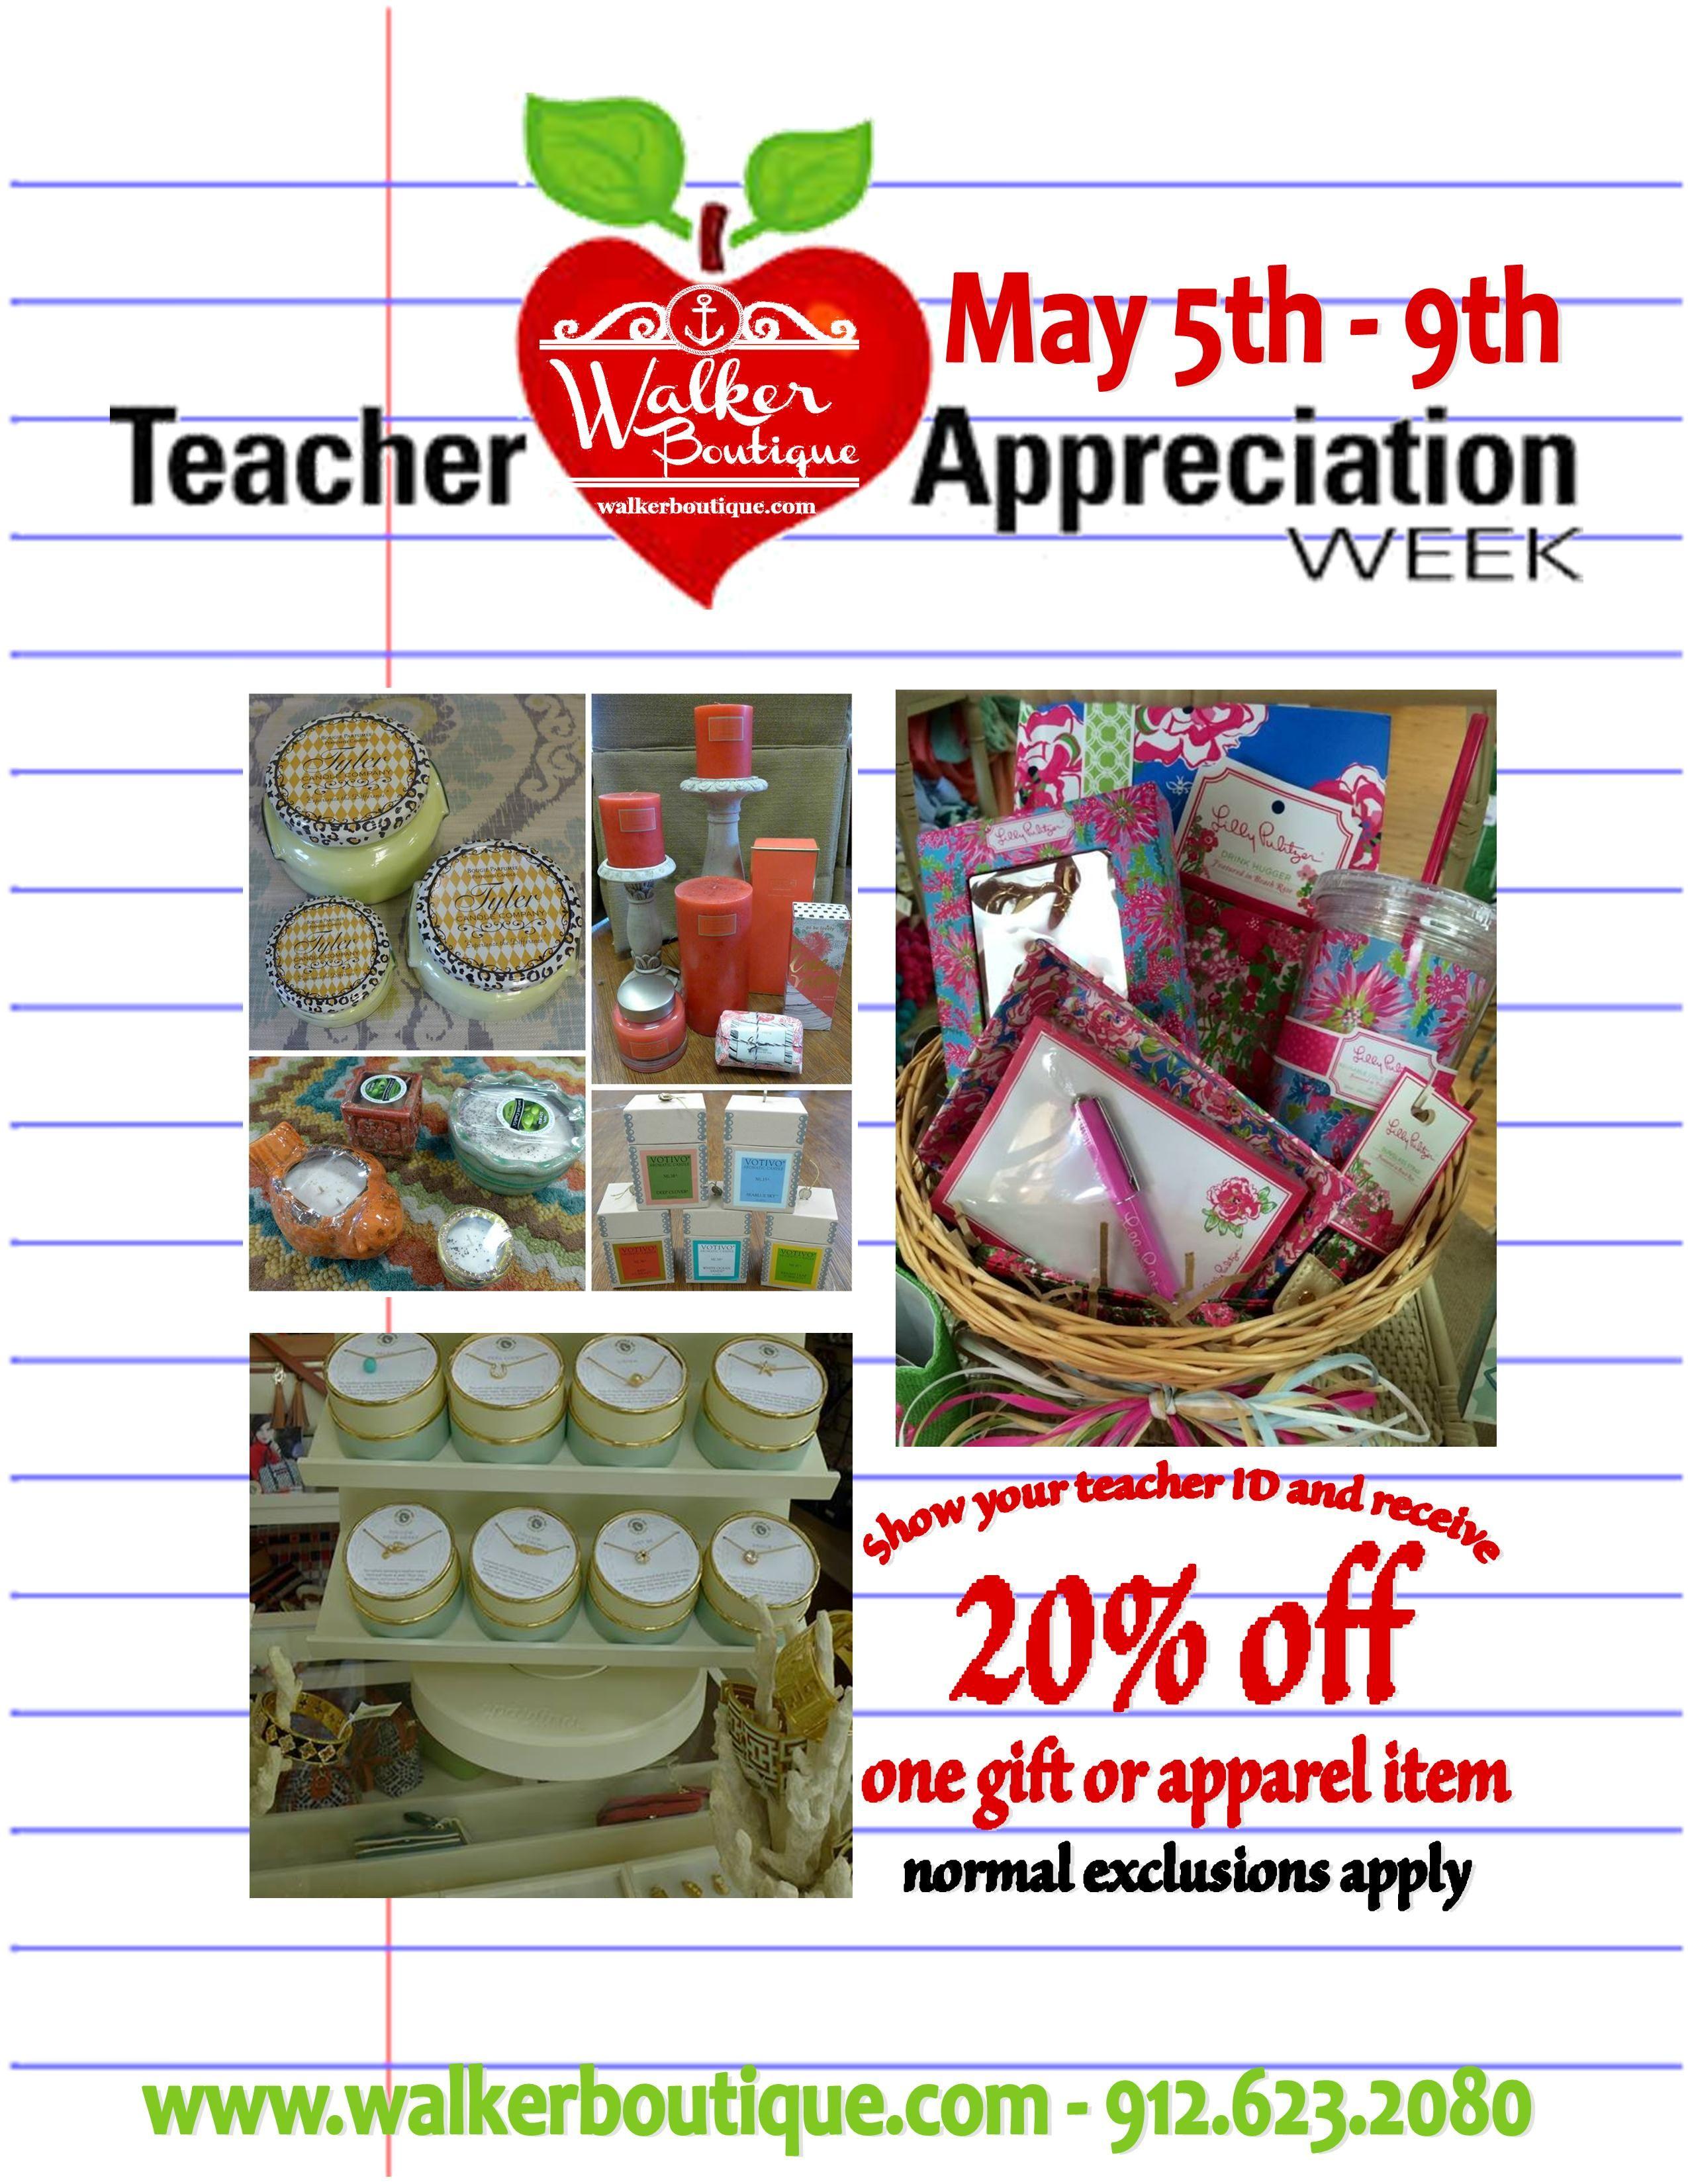 20% off one in store item! Happy Teacher Appreciation Week from Walker Boutique!